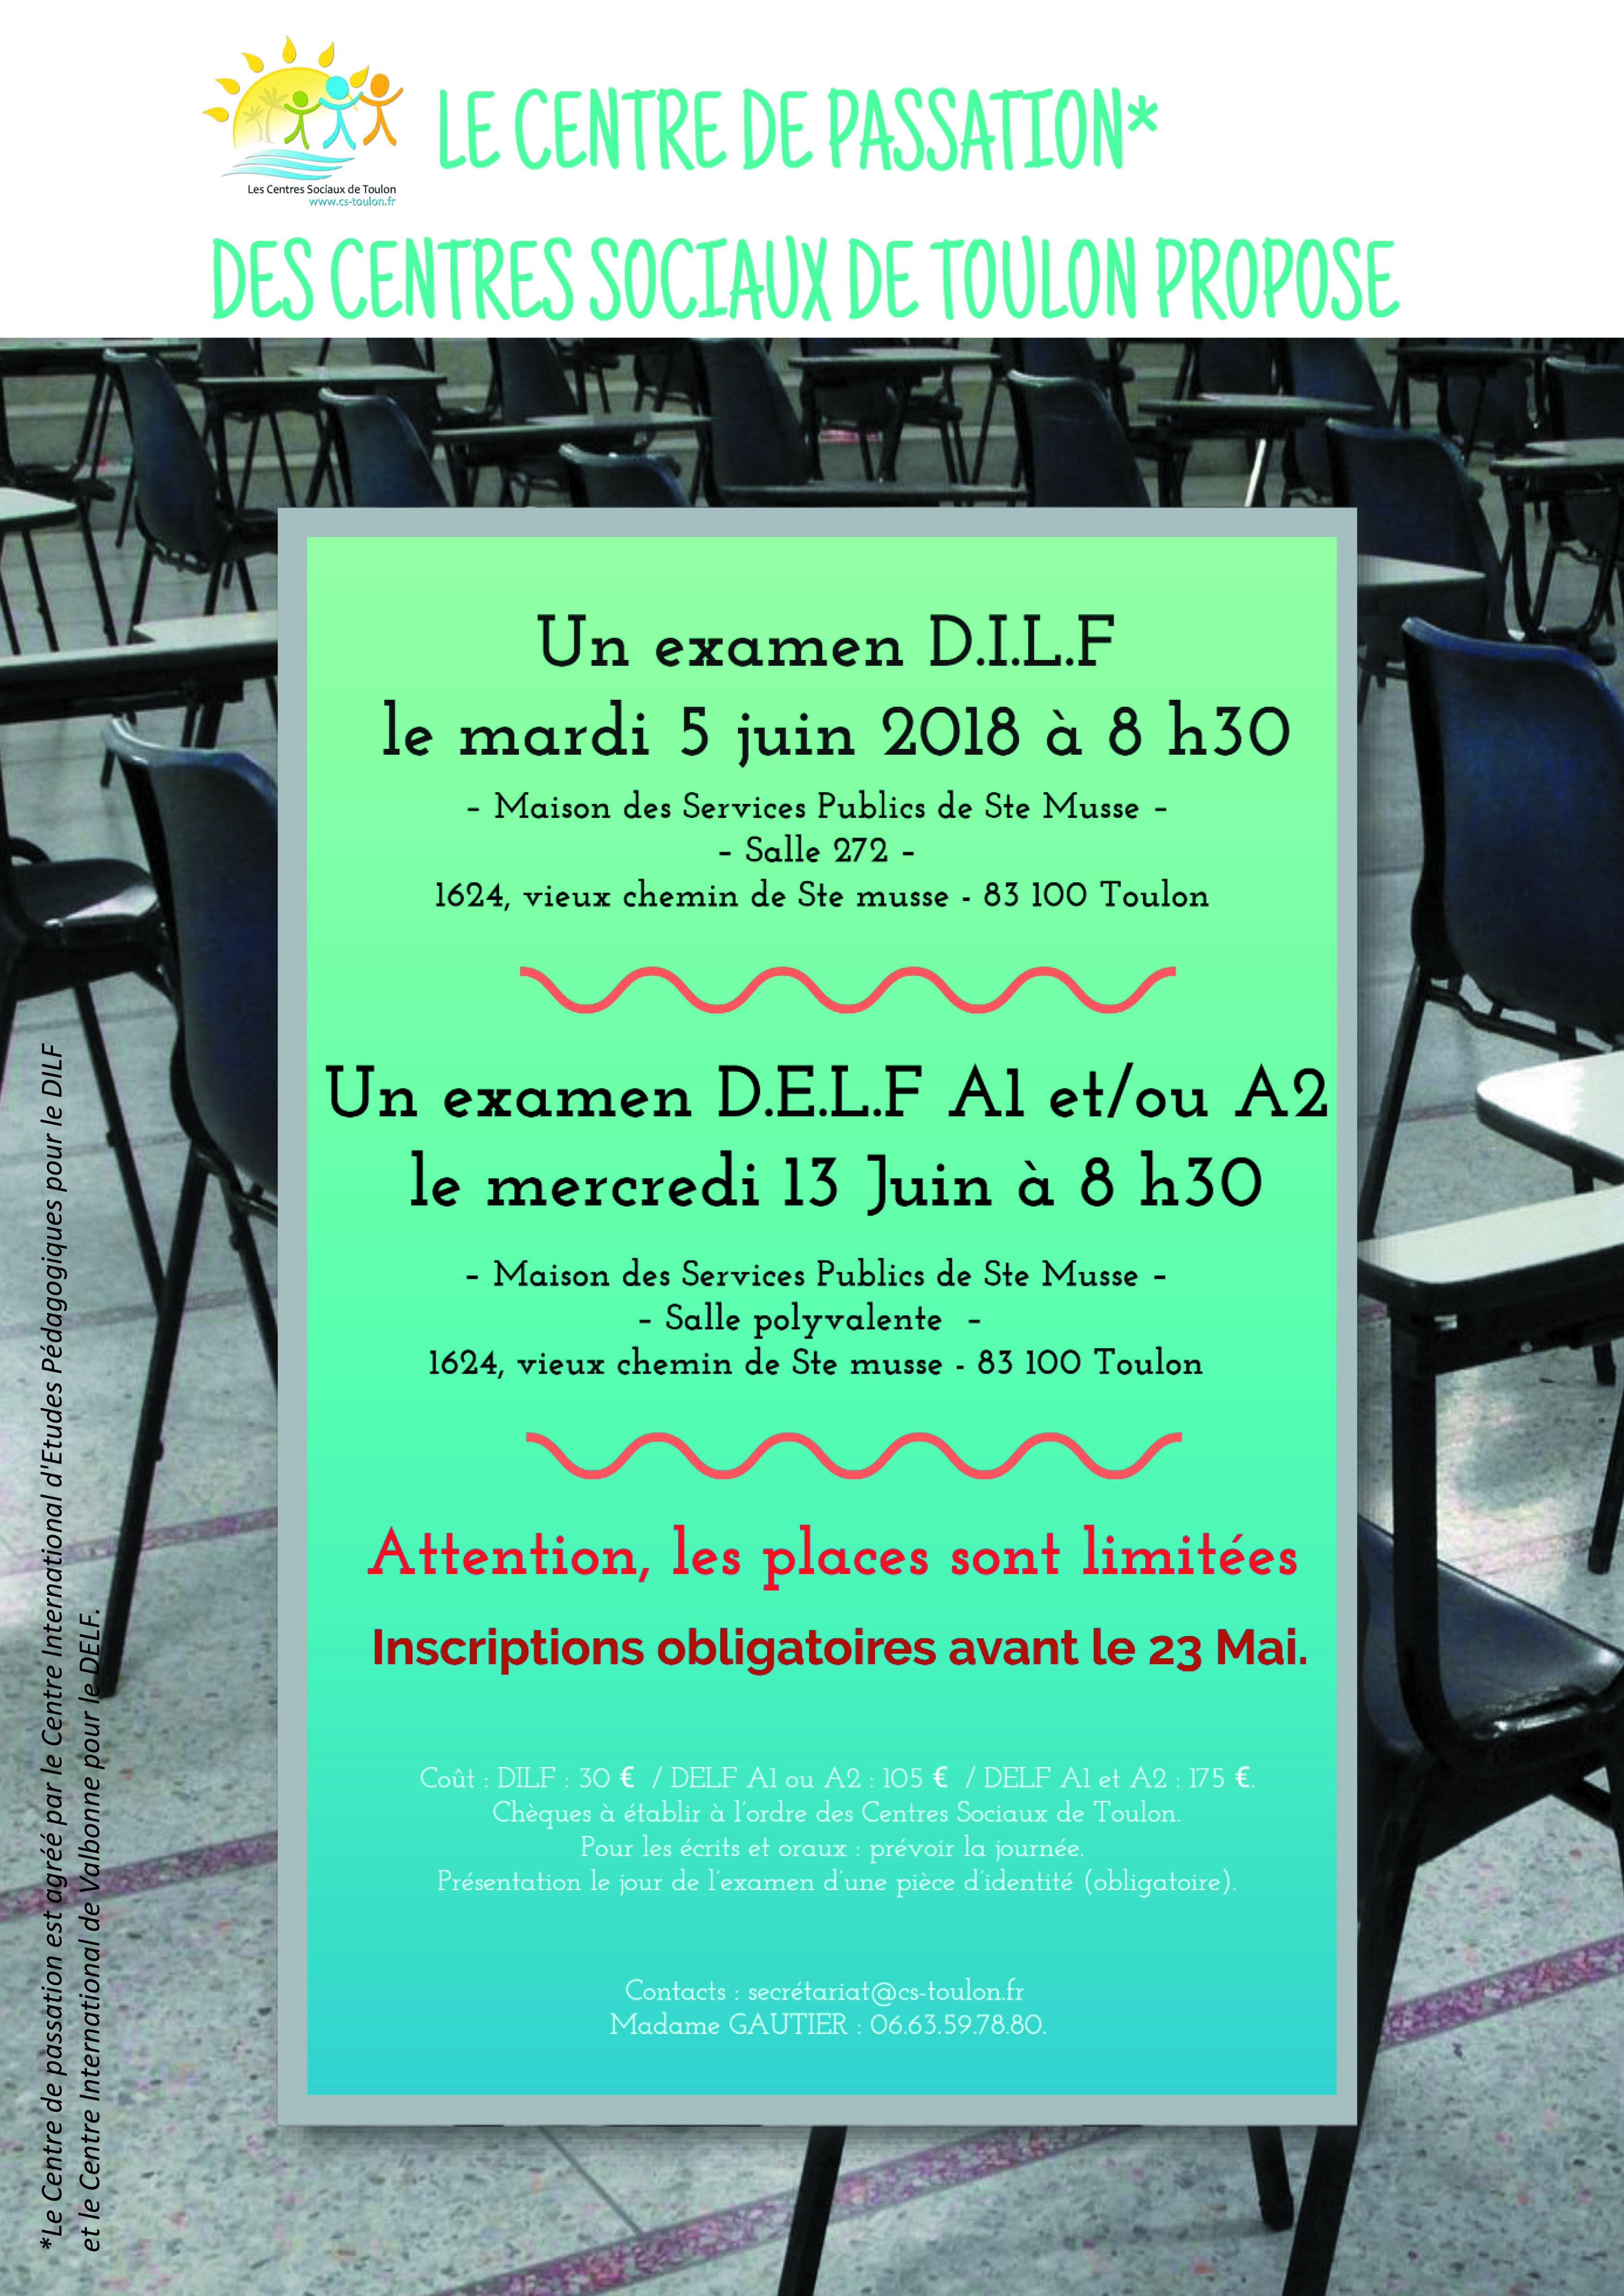 DILF-DELF EXAMENS